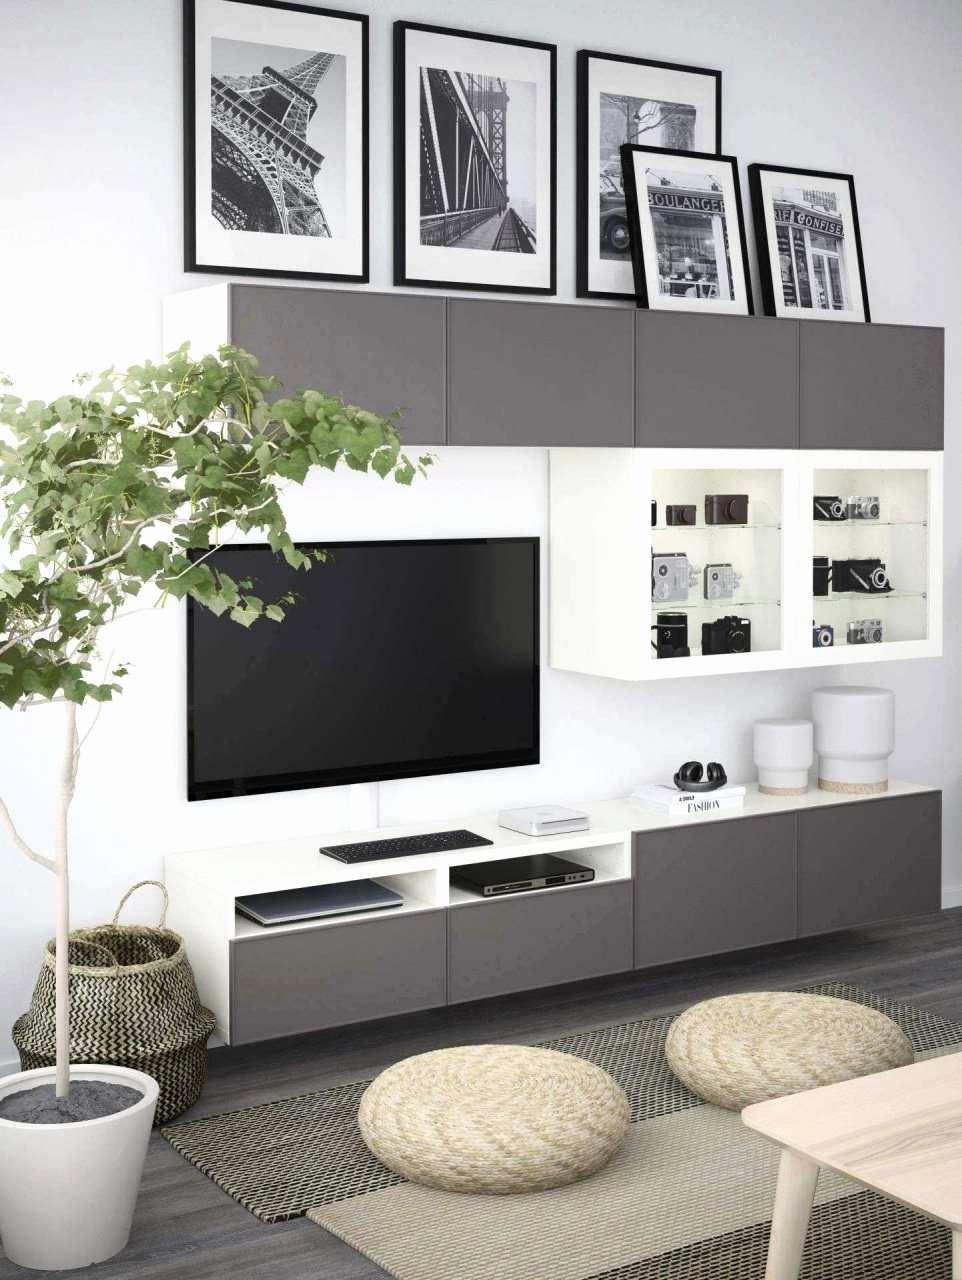 schonheit fotos von wohnzimmer wanddeko ideen ideen von wohnzimmer wanddeko ideen of wohnzimmer wanddeko ideen